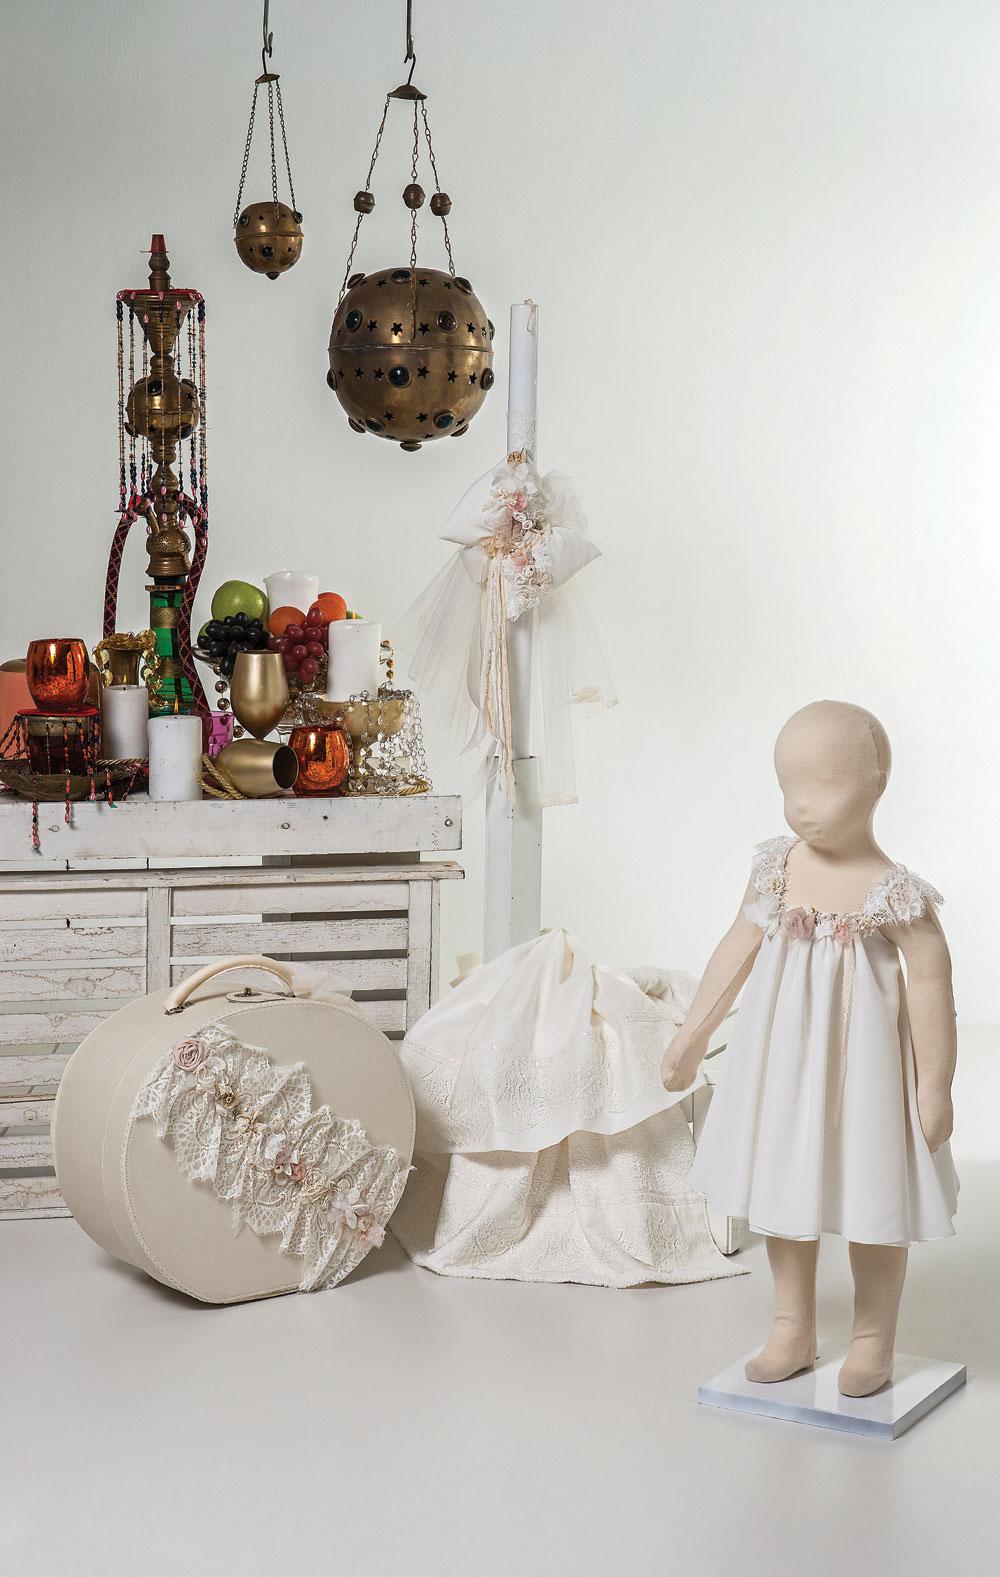 1404 - φόρεμα μουσελίνα με χιαστή πλάτη από δαντέλα στολισμένο με χειροποίητα λουλούδια και πέρλες